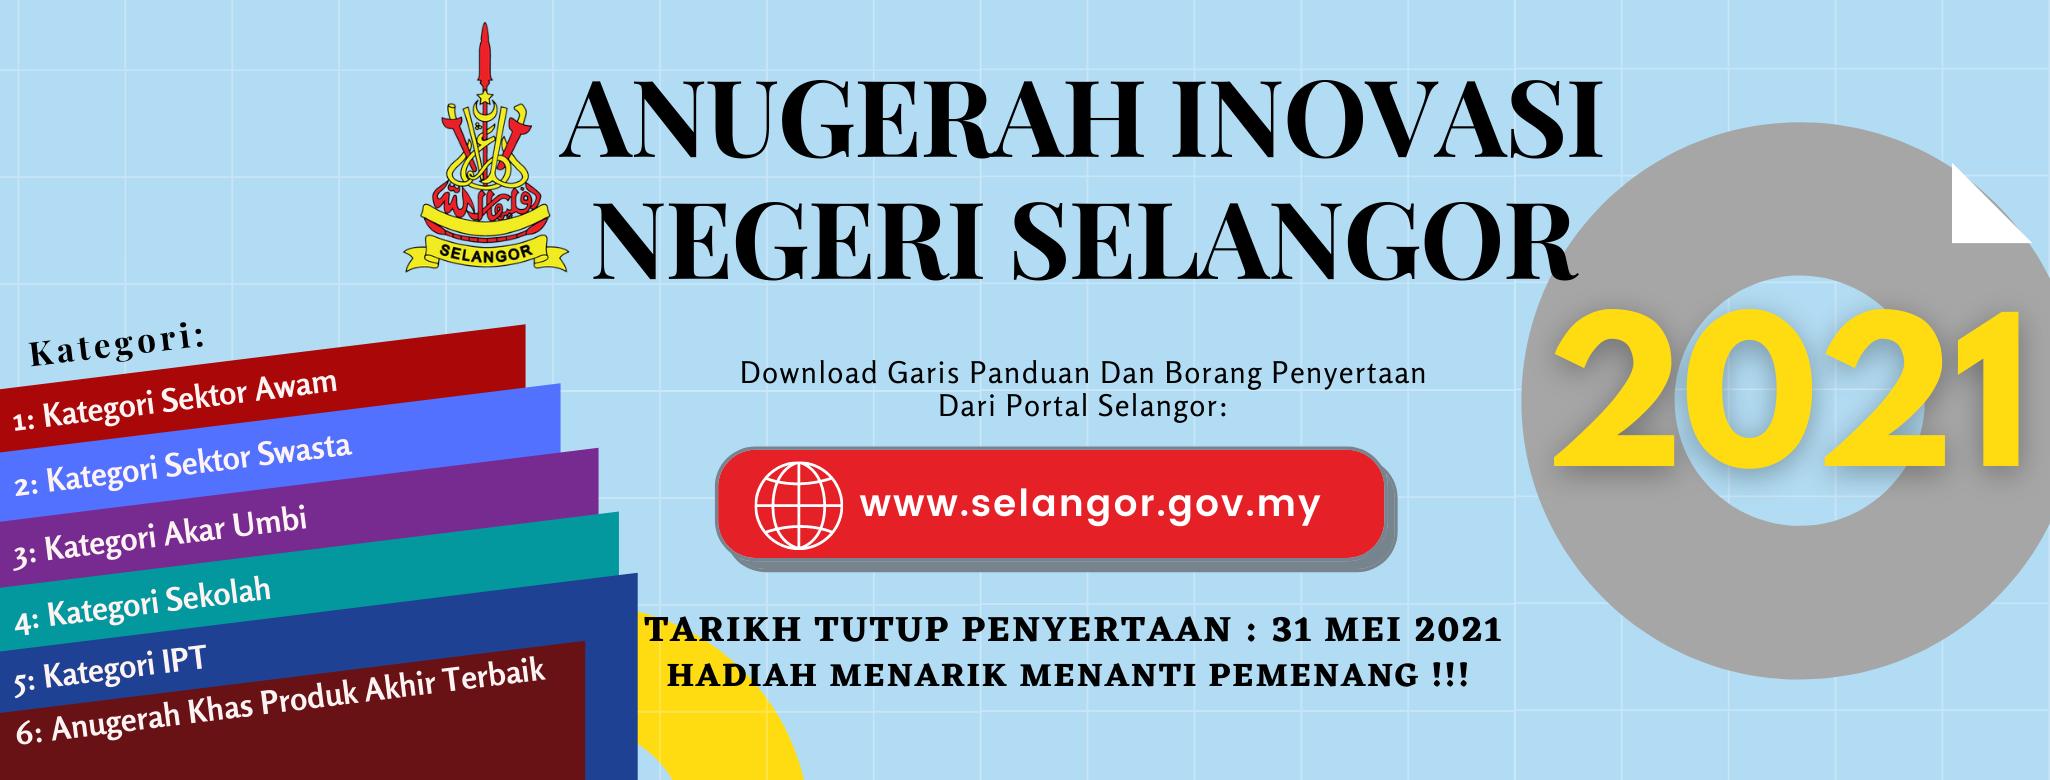 Promosi Anugerah Inovasi Selangor